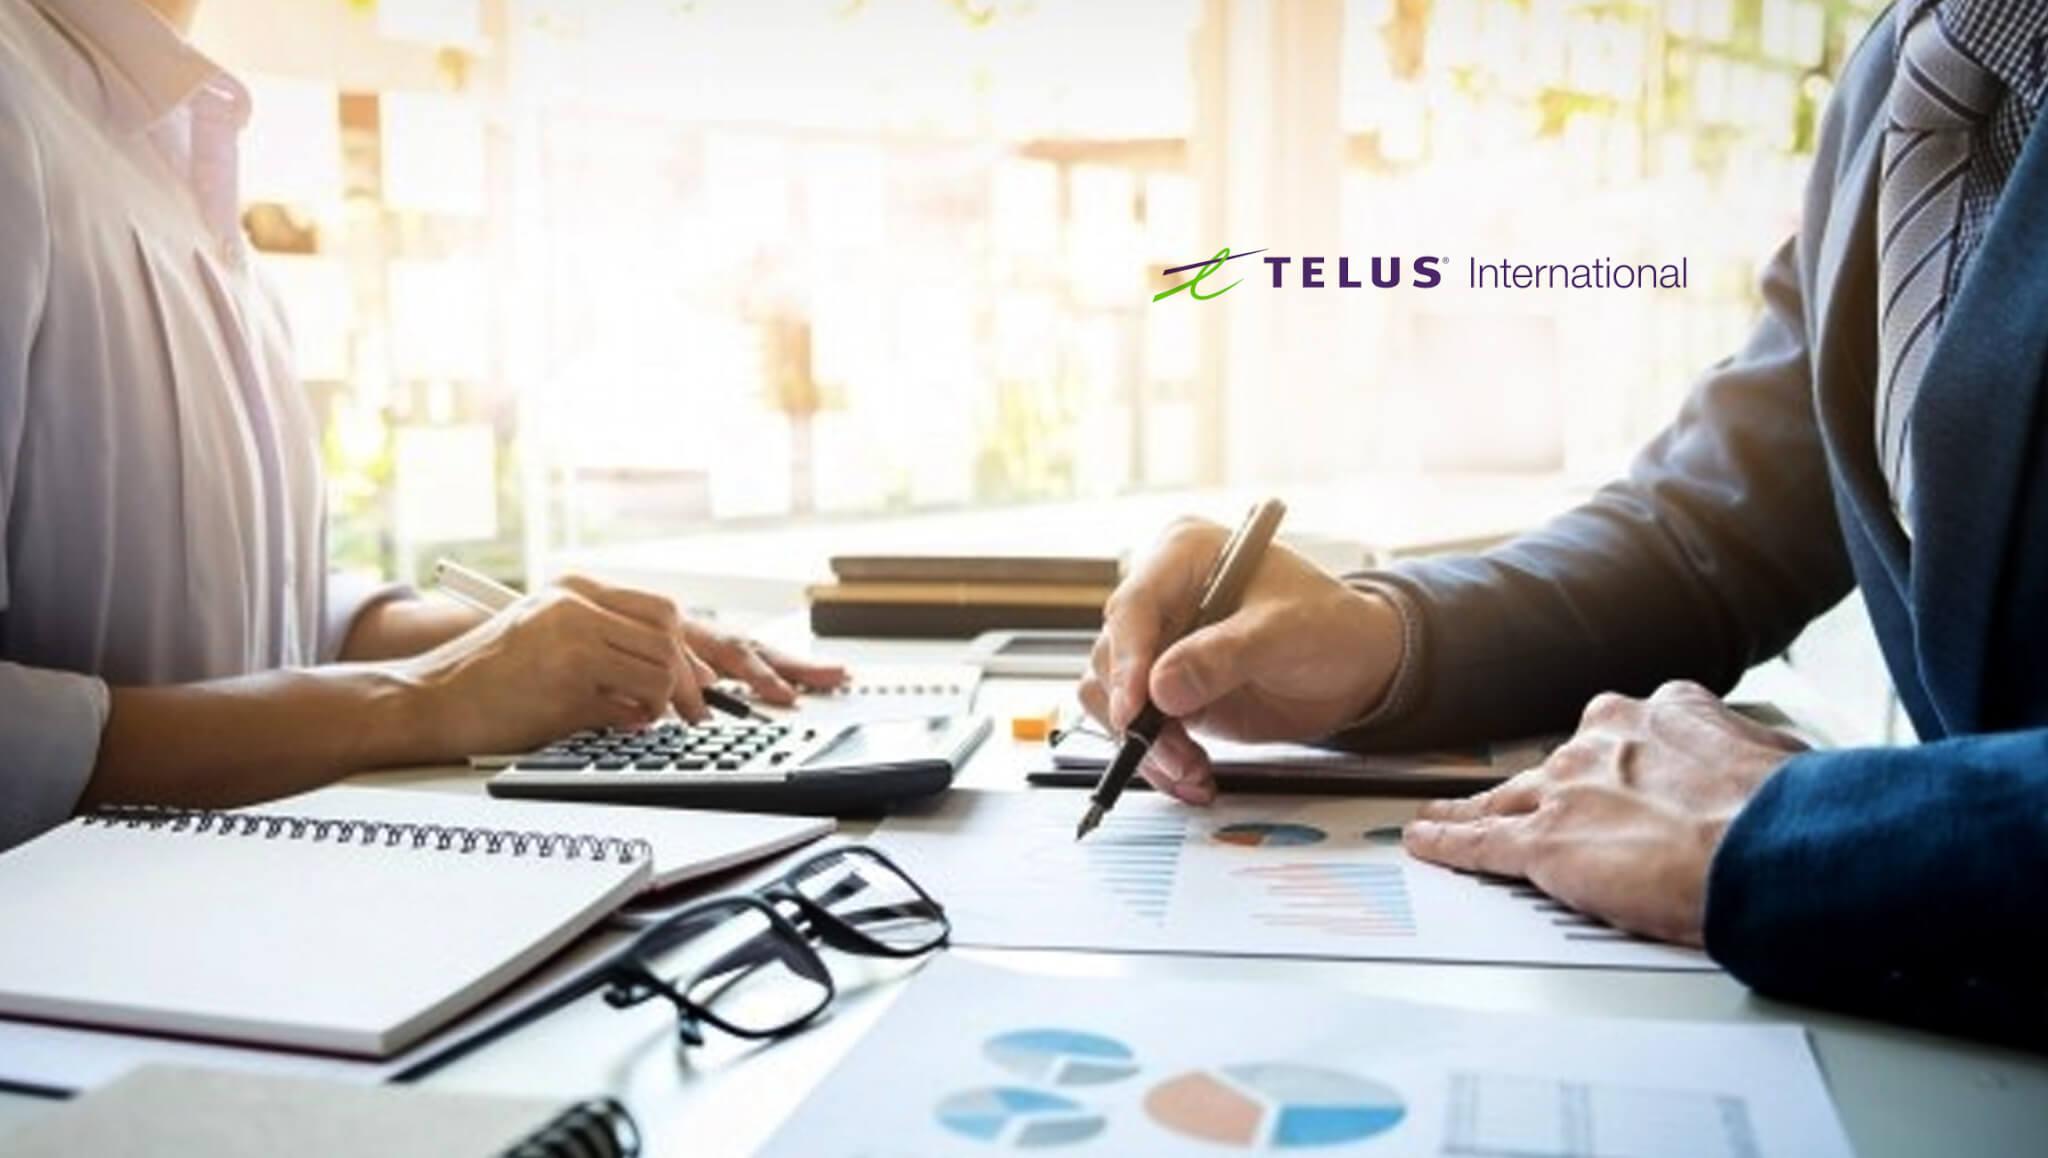 Telus recognized in the Gartner 2020 Market Guide for Customer Management BPO Service Providers